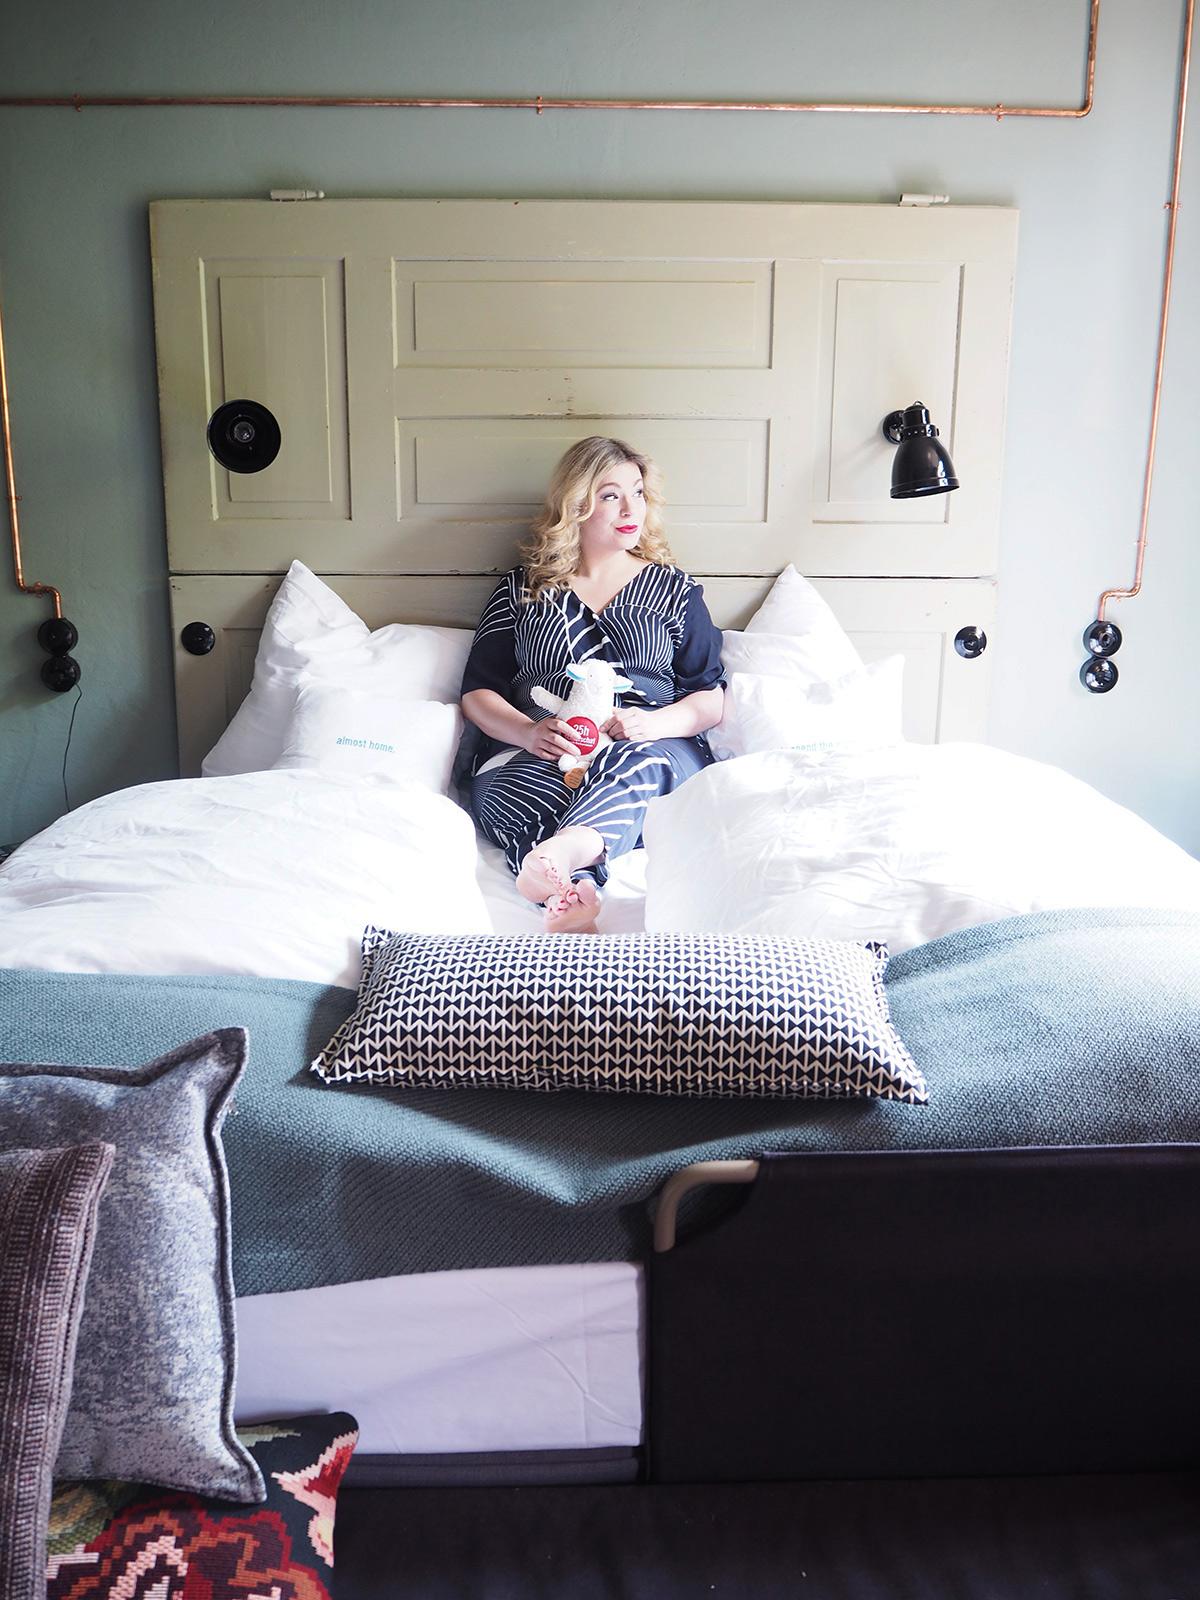 tipps sich selber gutes tun und gl cklicher sein megabambi. Black Bedroom Furniture Sets. Home Design Ideas